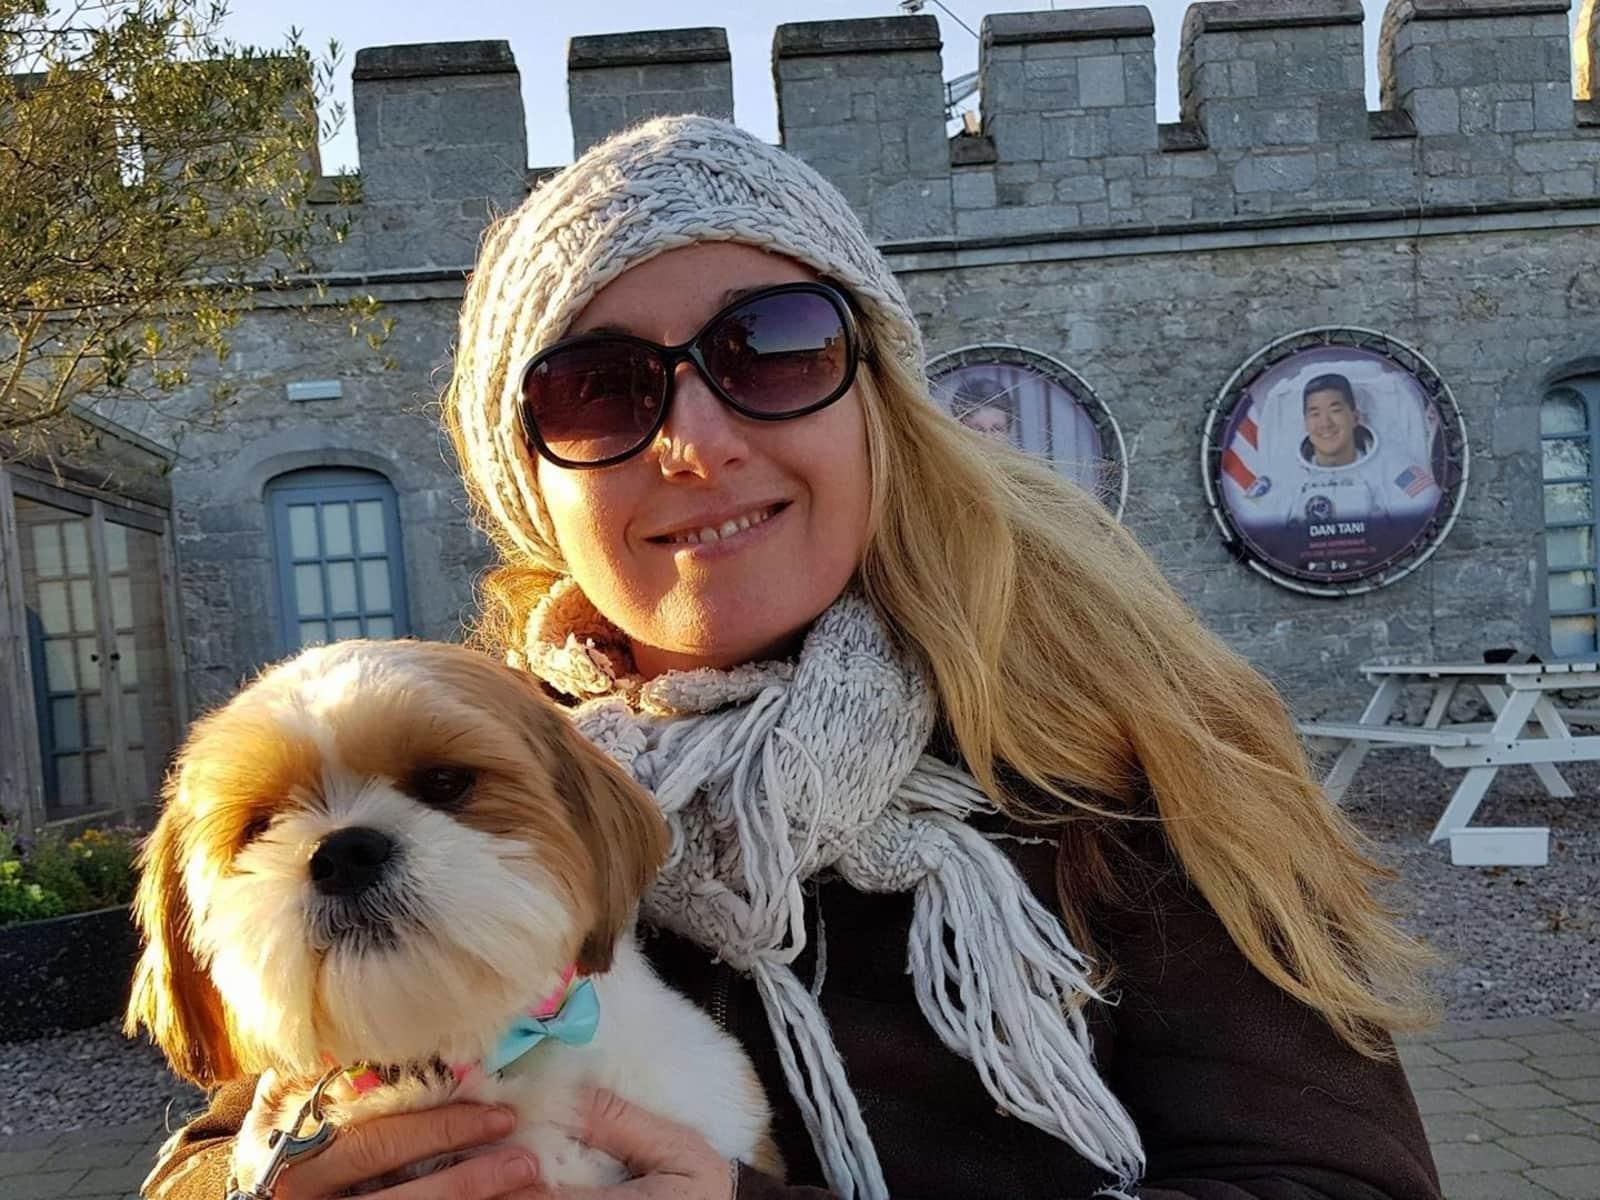 Suzanne from Cork, Ireland